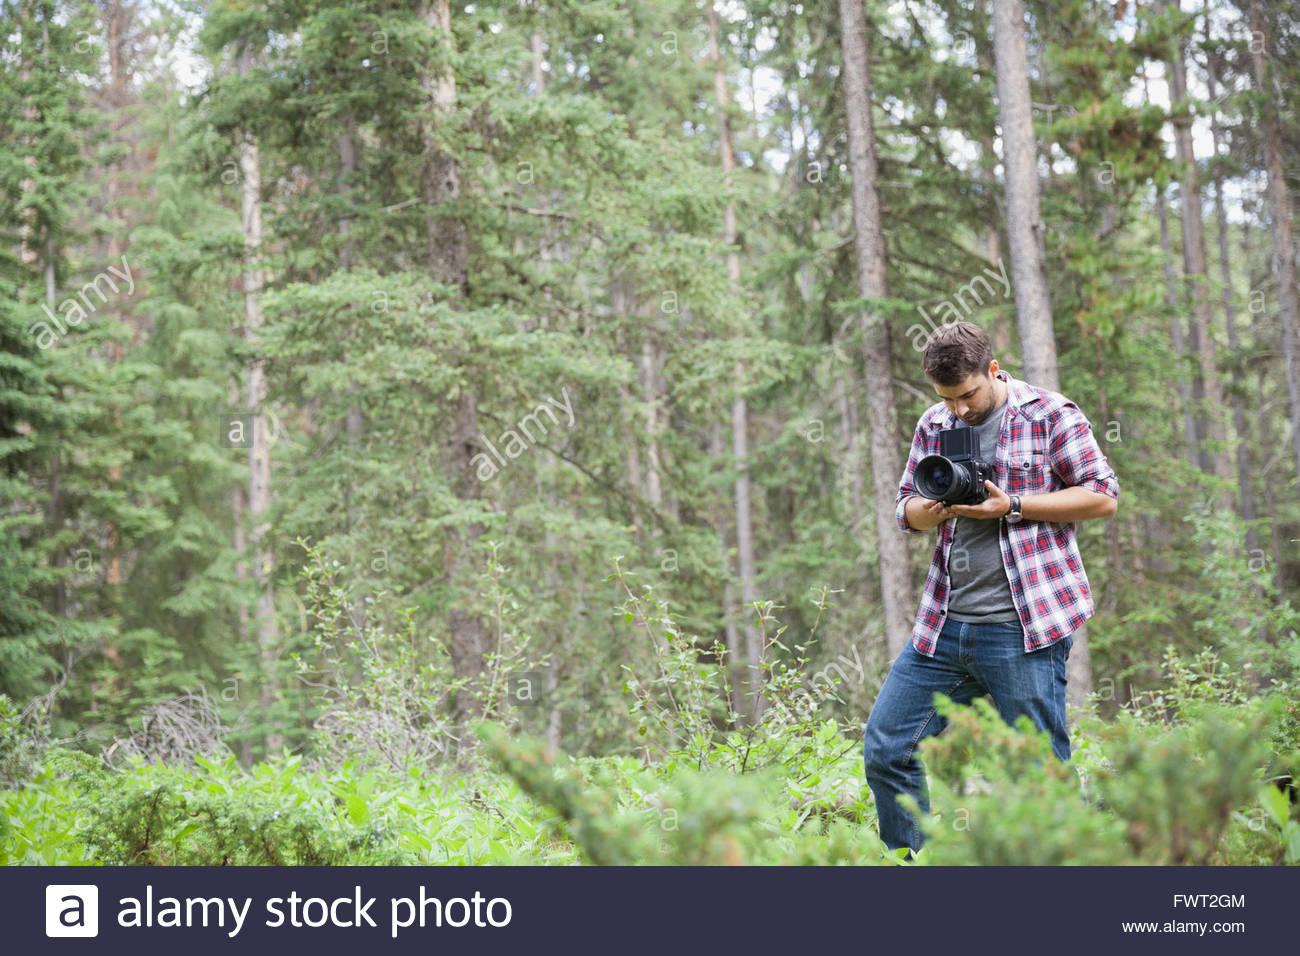 Photographe à l'aide d'un mâle à l'extérieur de l'appareil photo reflex Photo Stock